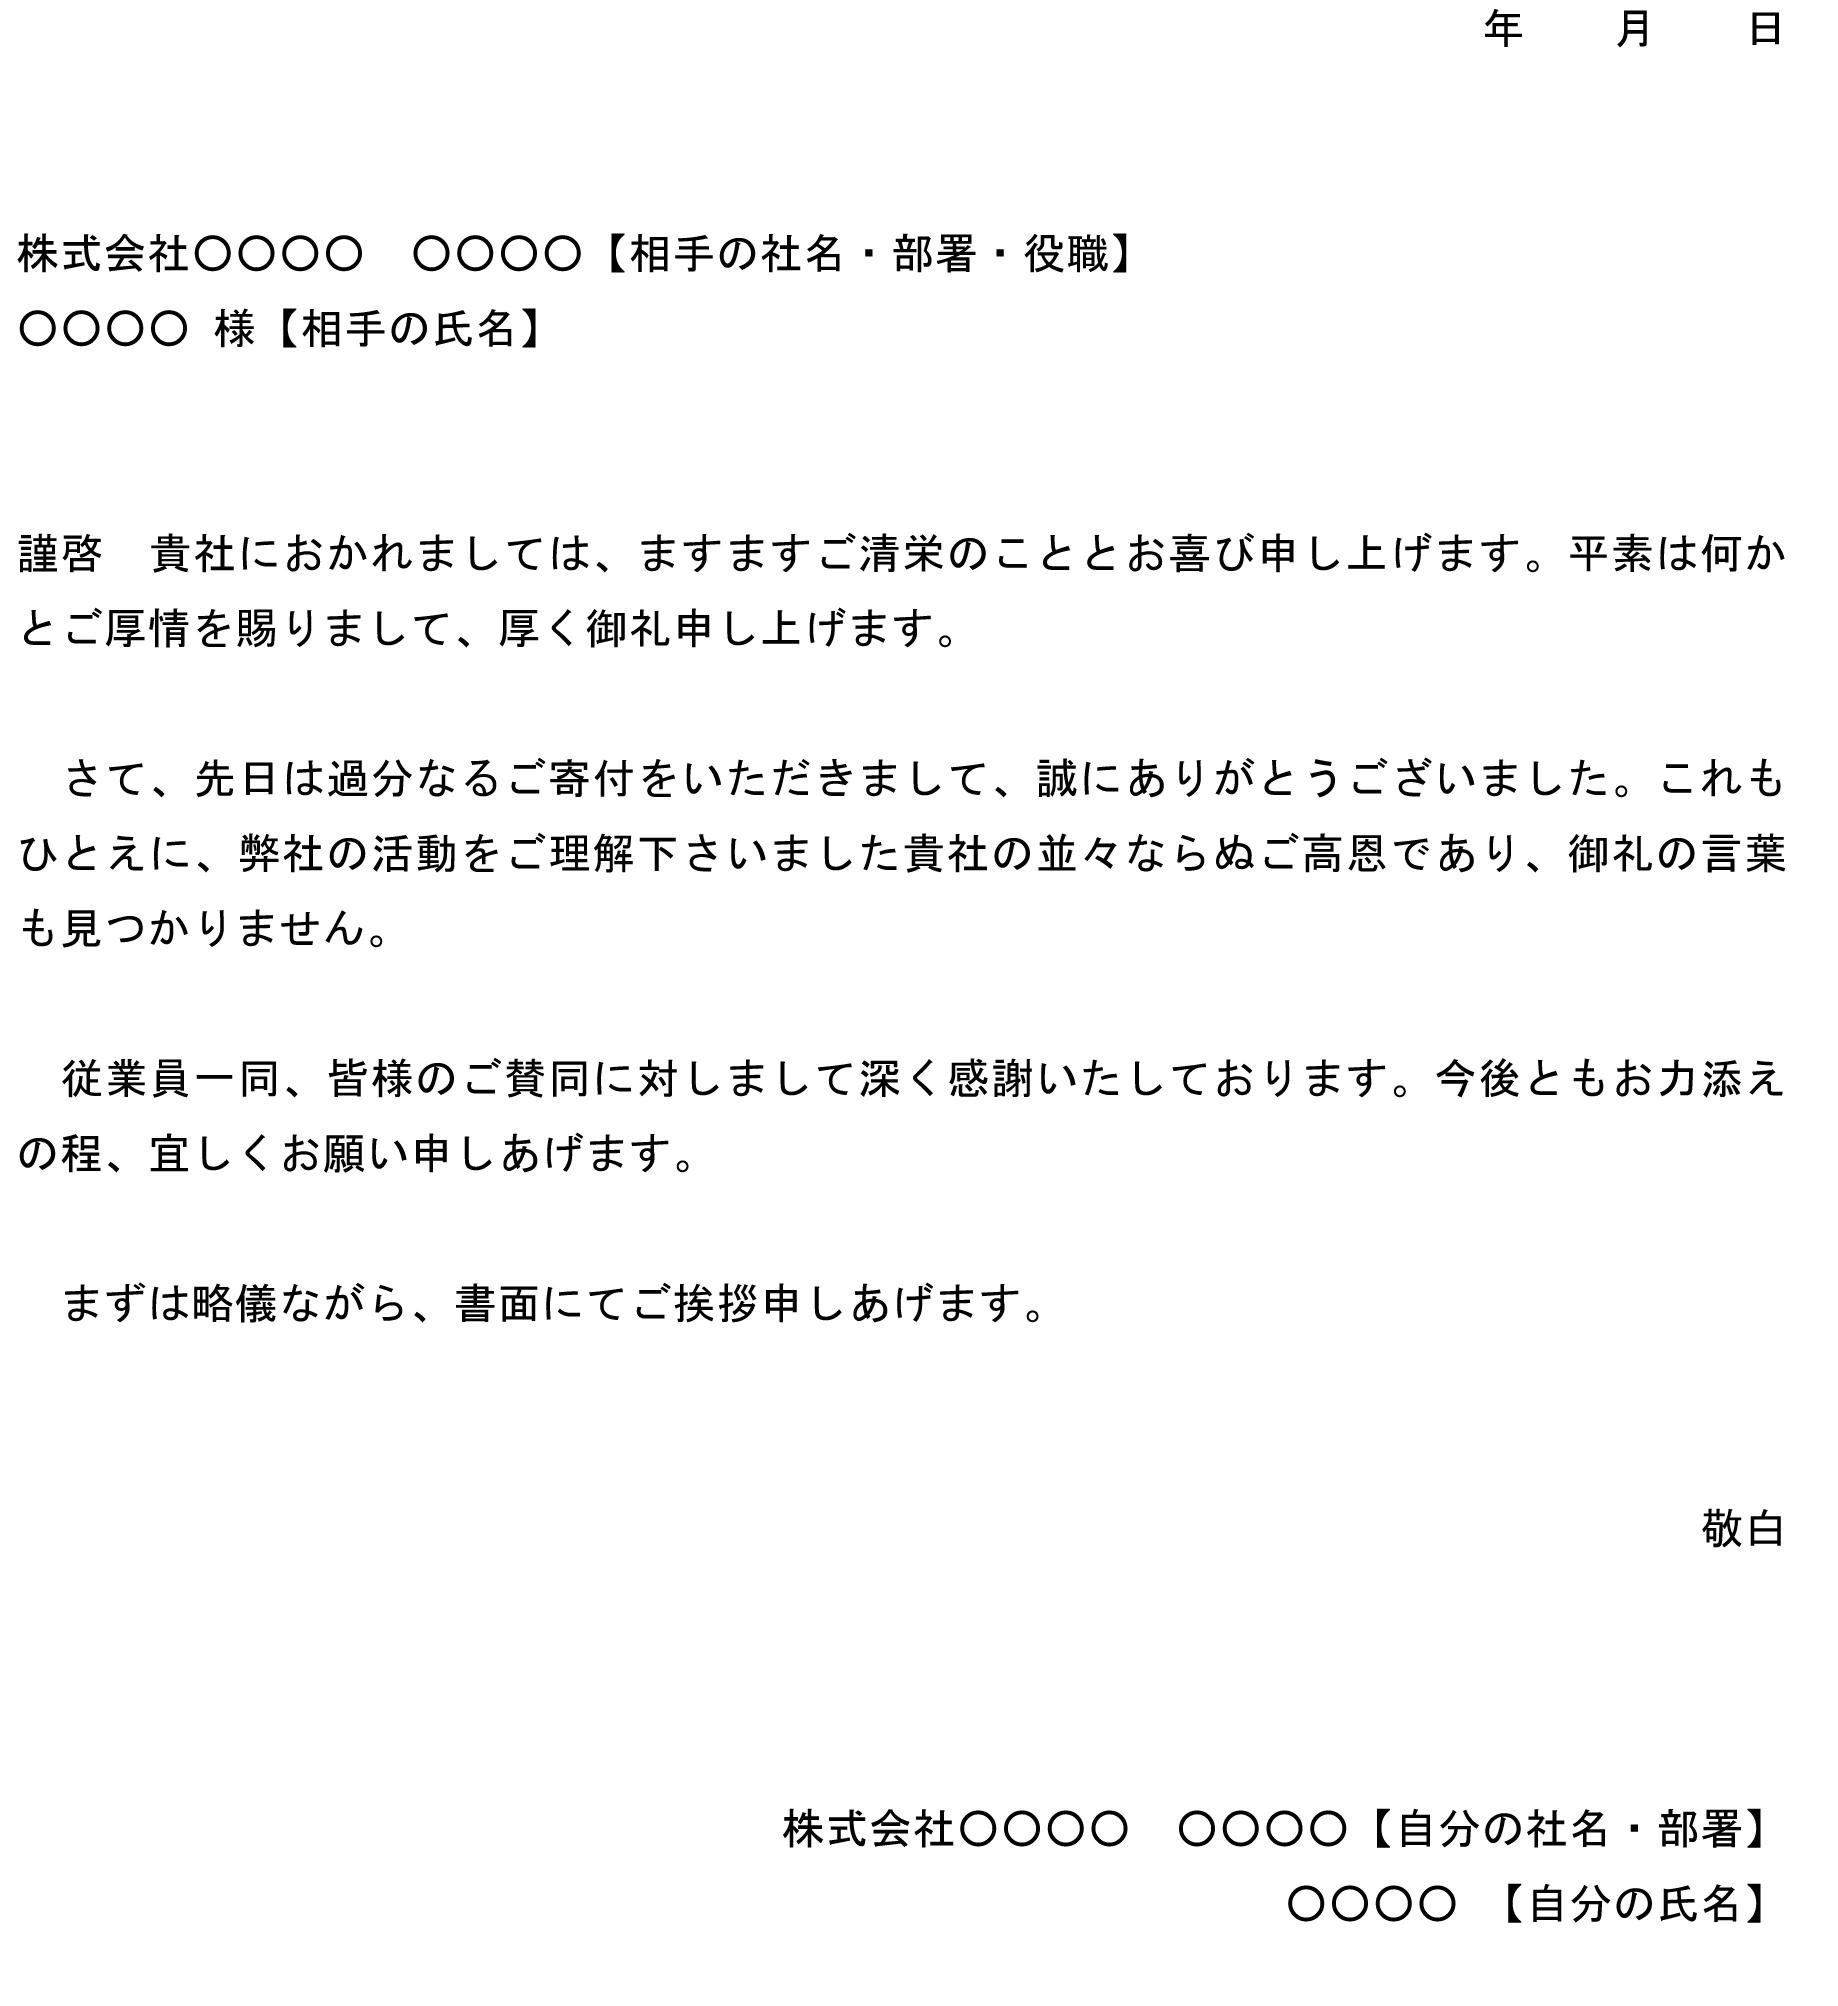 お礼状(会社への寄付)のテンプレート書式